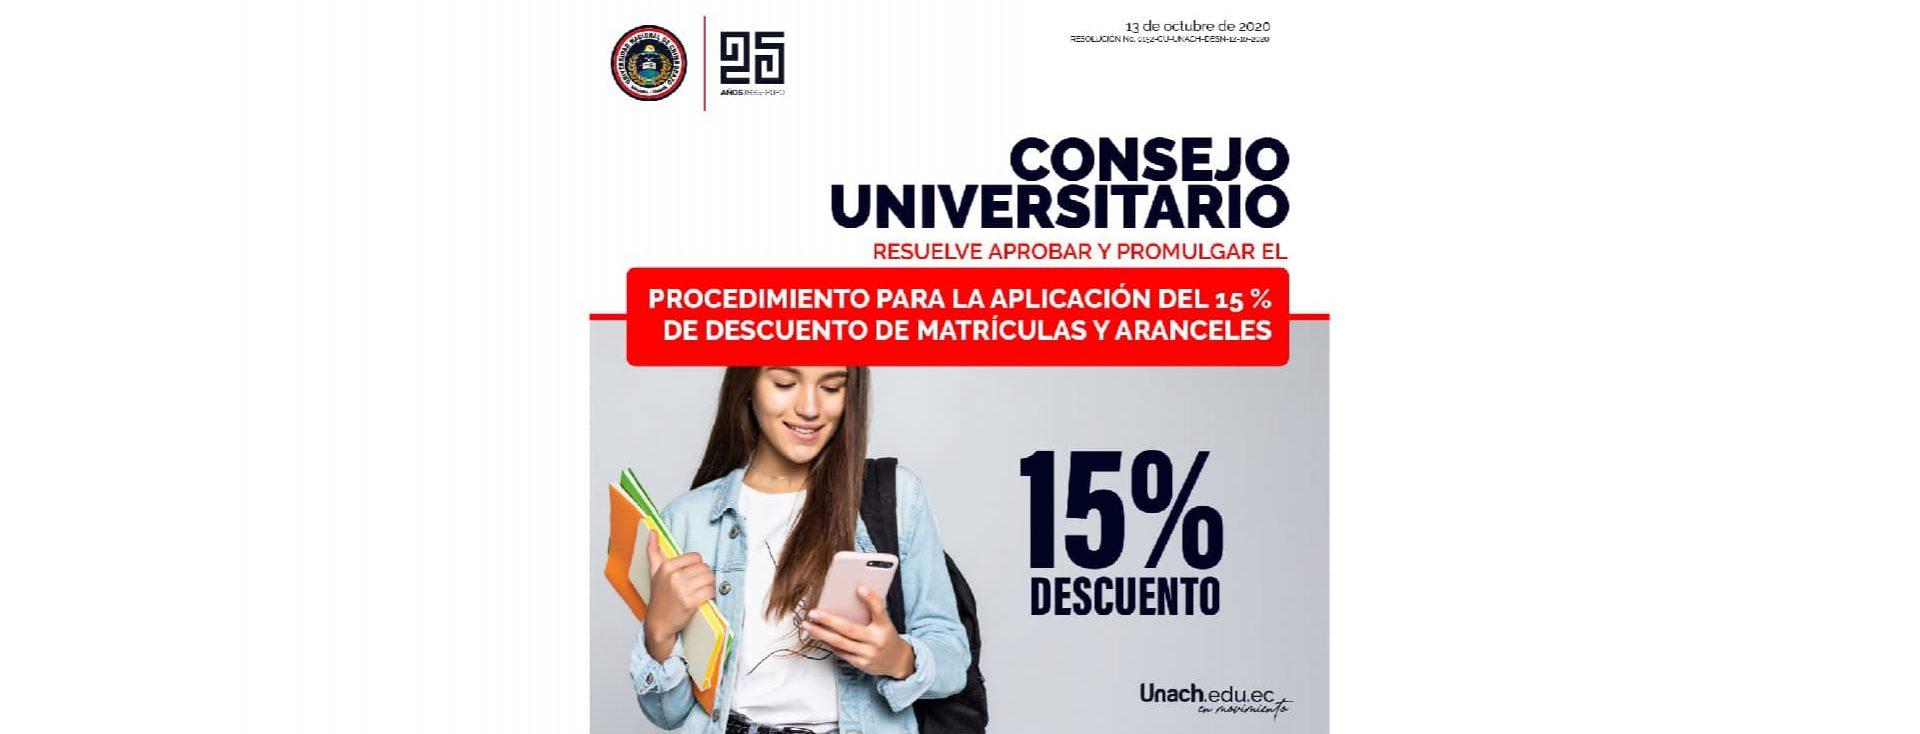 PROCEDIMIENTO PARA LA APLICACIÓN DE DESCUENTO DEL 15% EN MATRÍCULAS Y ARANCELES